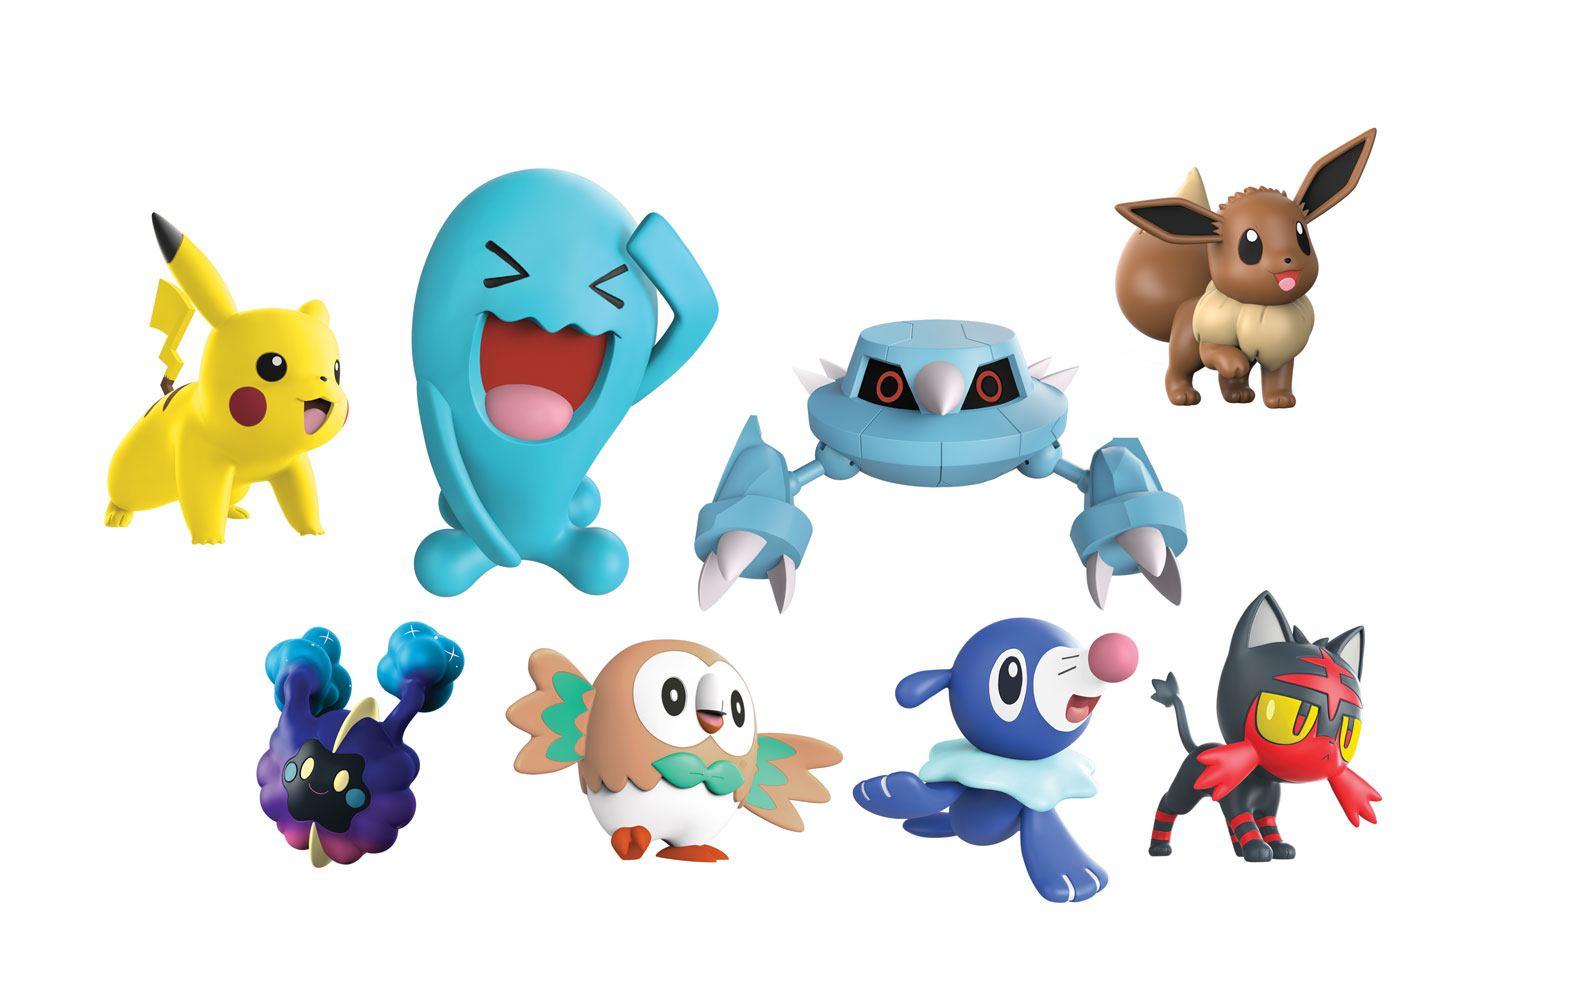 Pokémon Battle Mini Figures 8-Pack 5-7 cm Wave 1